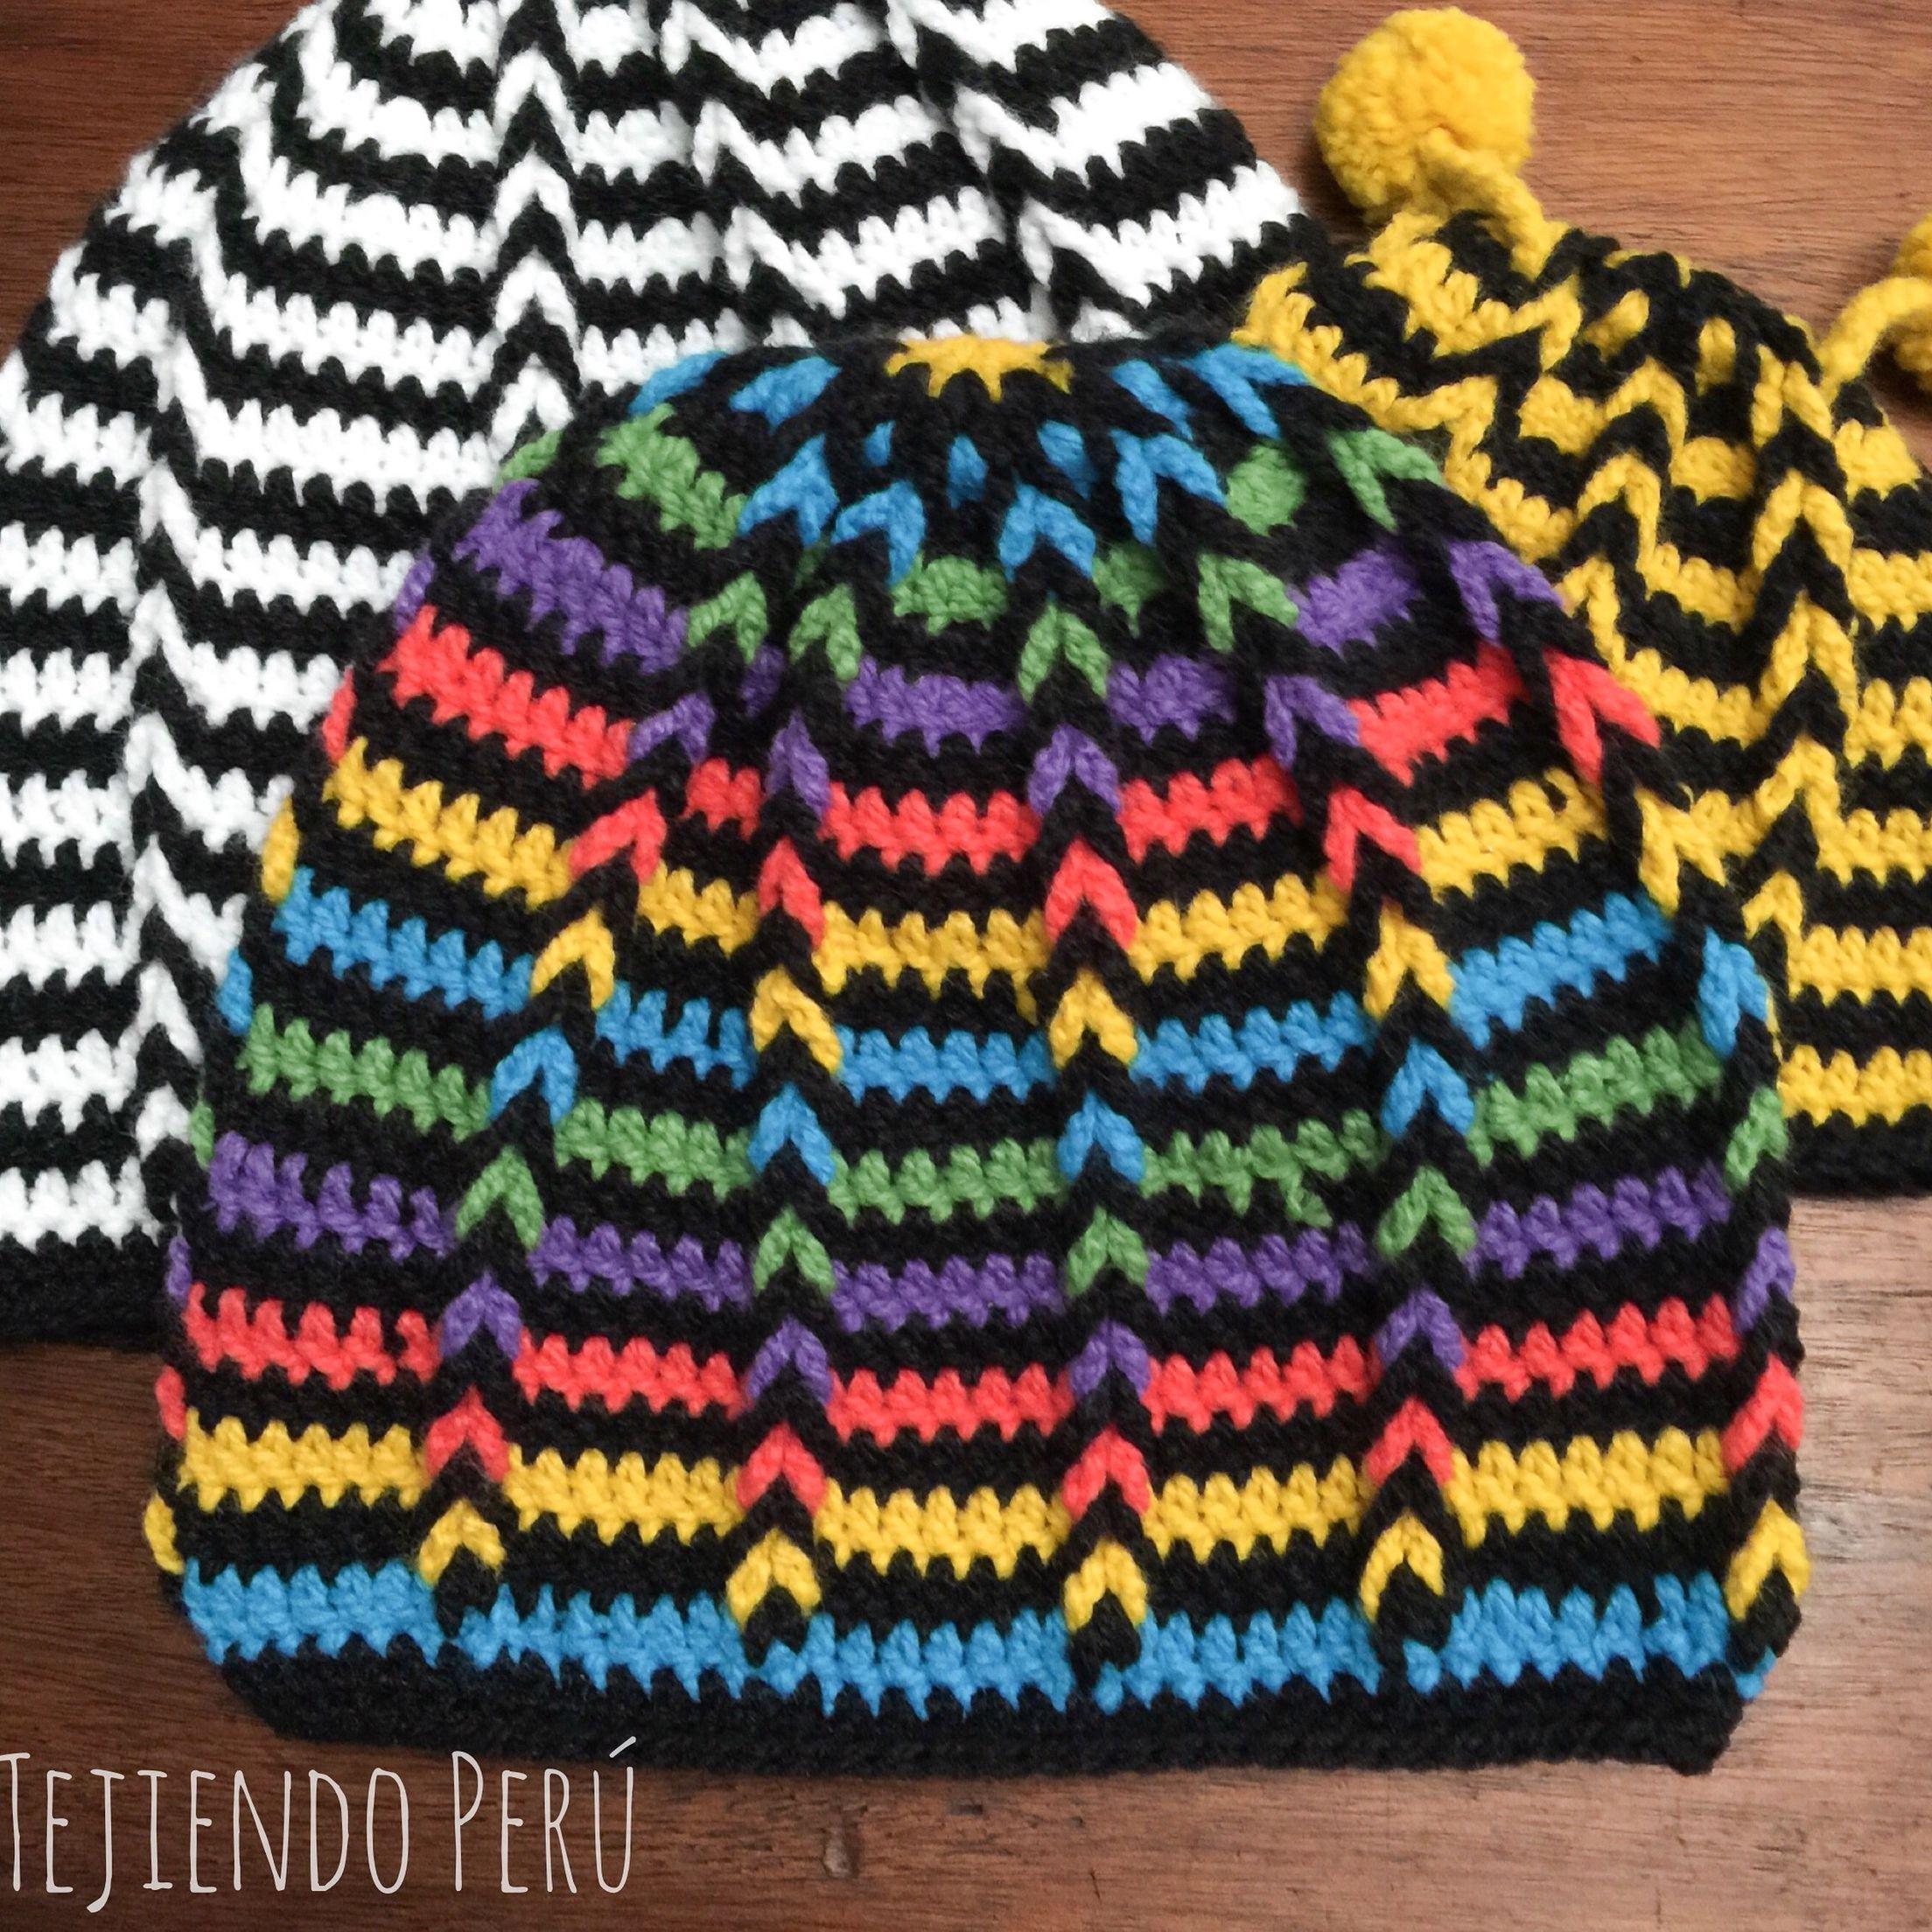 Crochet: gorro con trenzas de vainillas en circular para niños ...